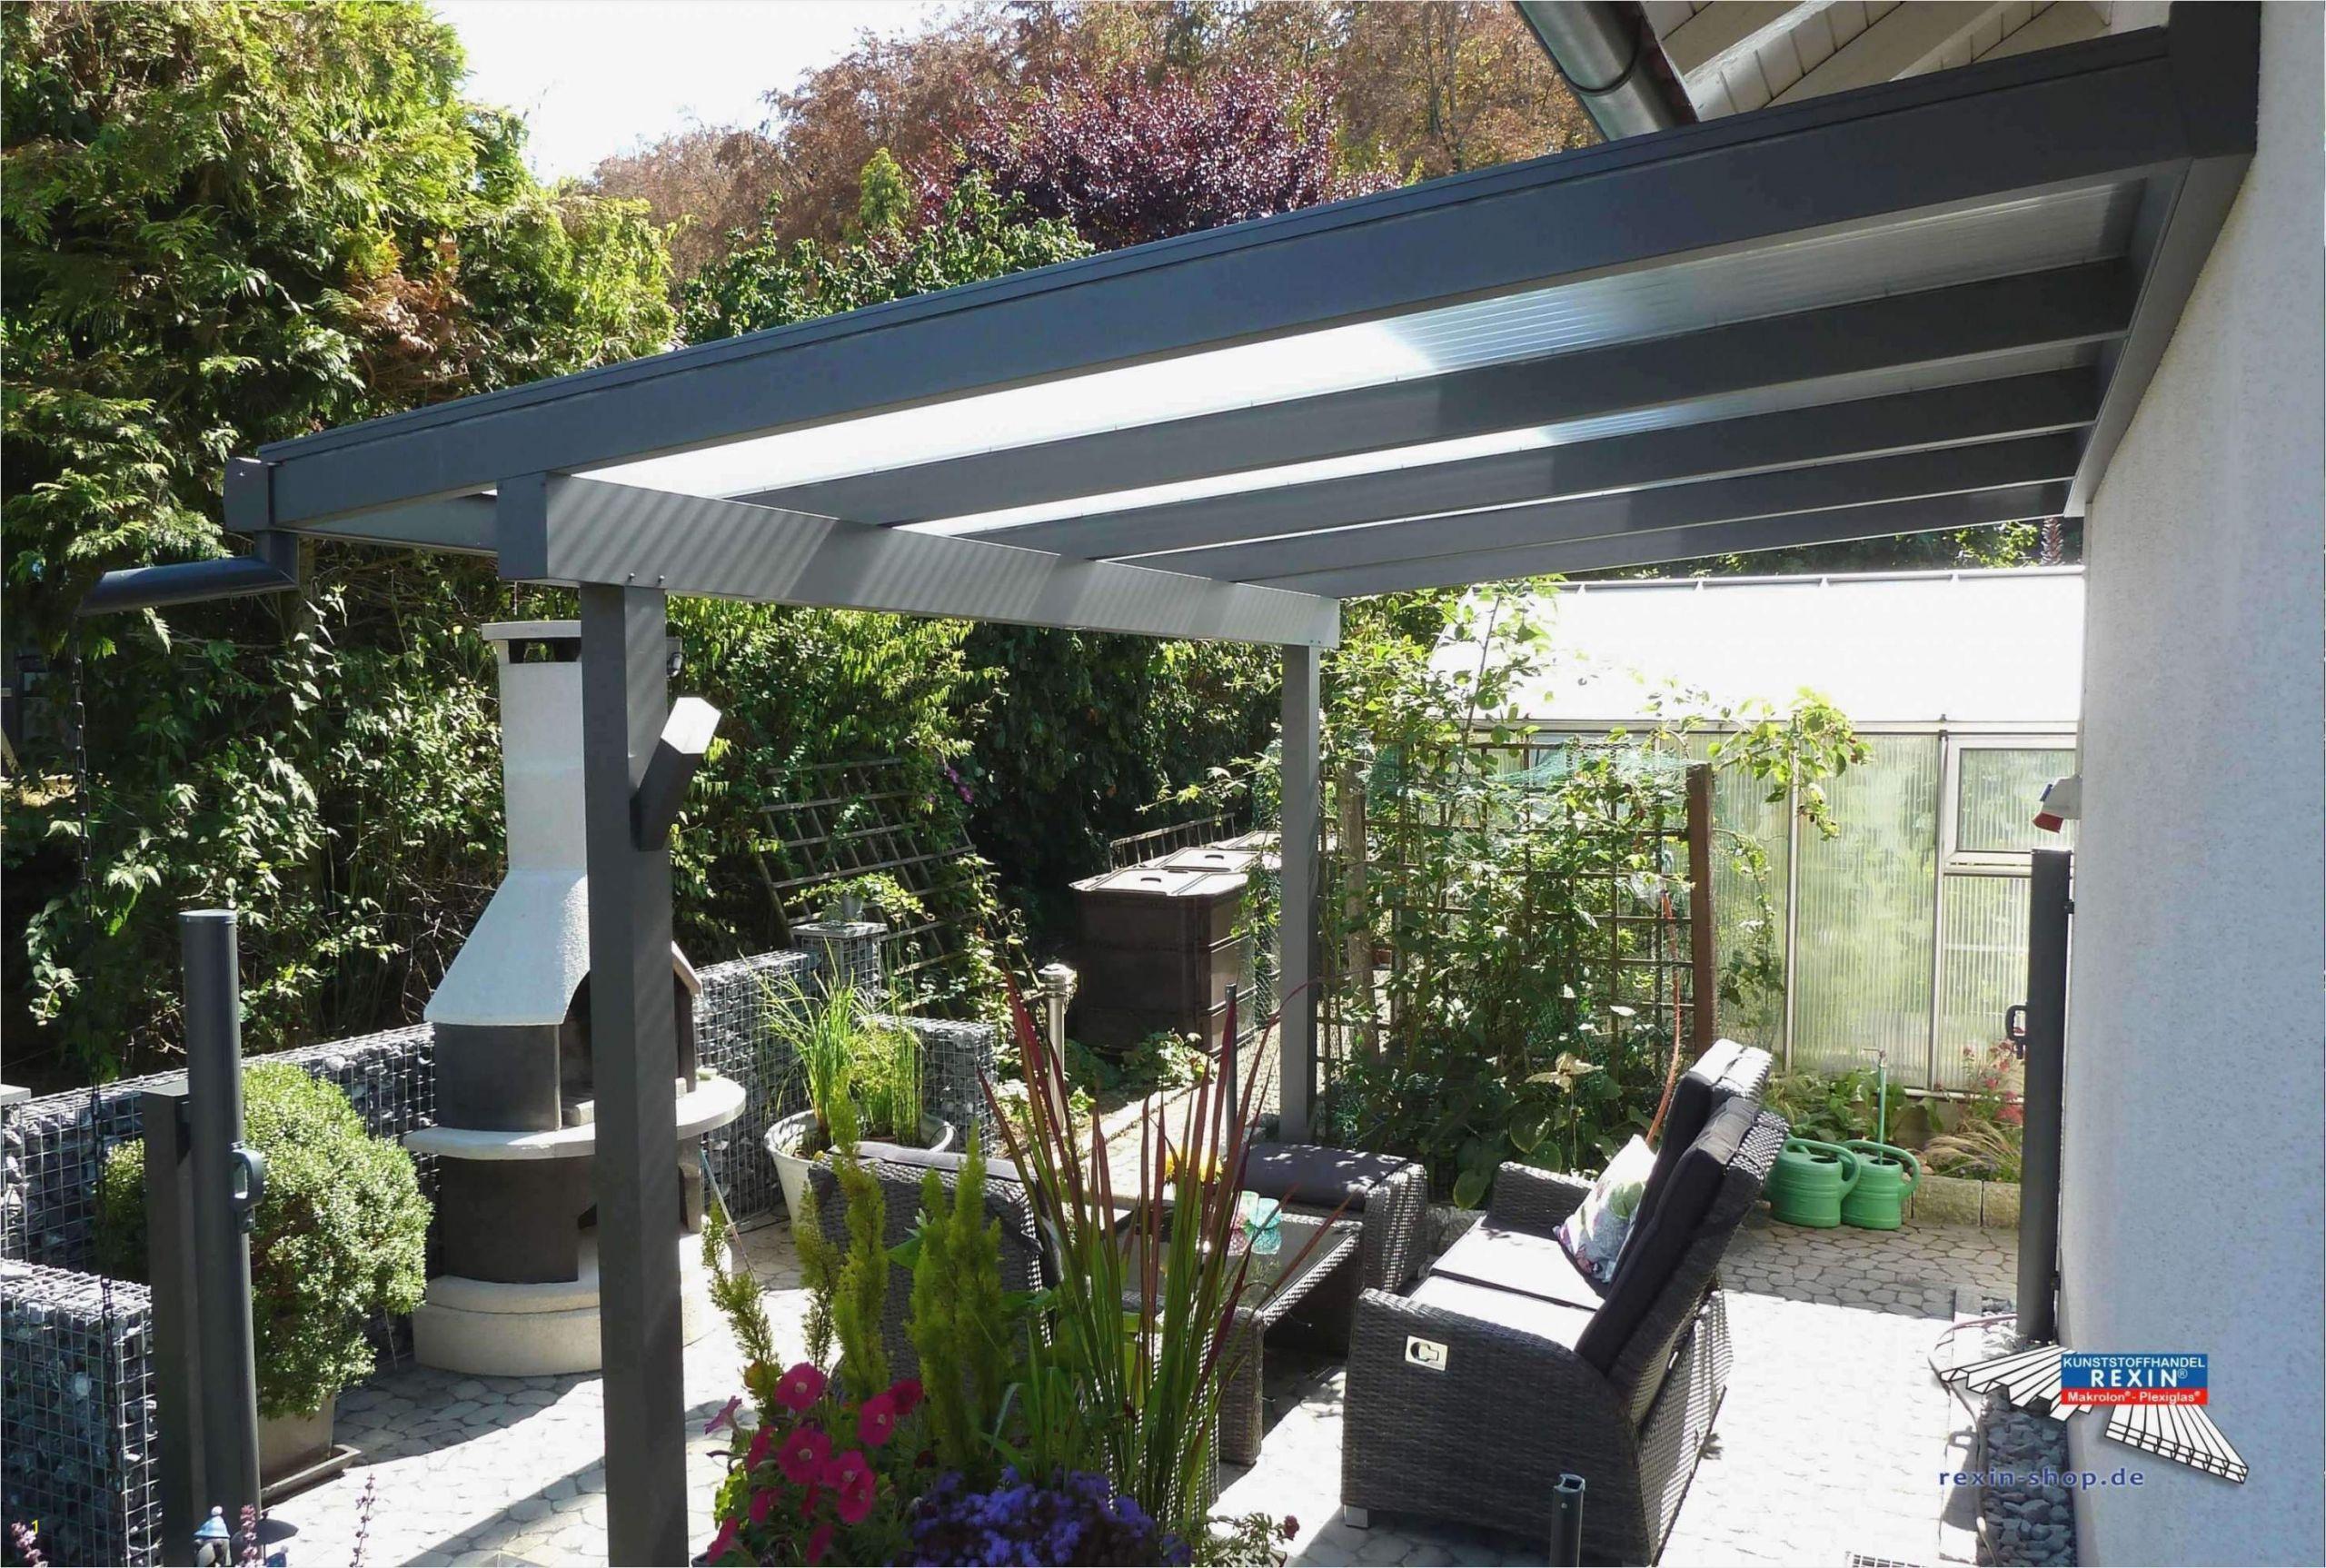 sonnenschutz terrasse seilzug einzigartig 44 inspirierend seilzug sonnenschutz garten terrasse sonnenschutz garten terrasse